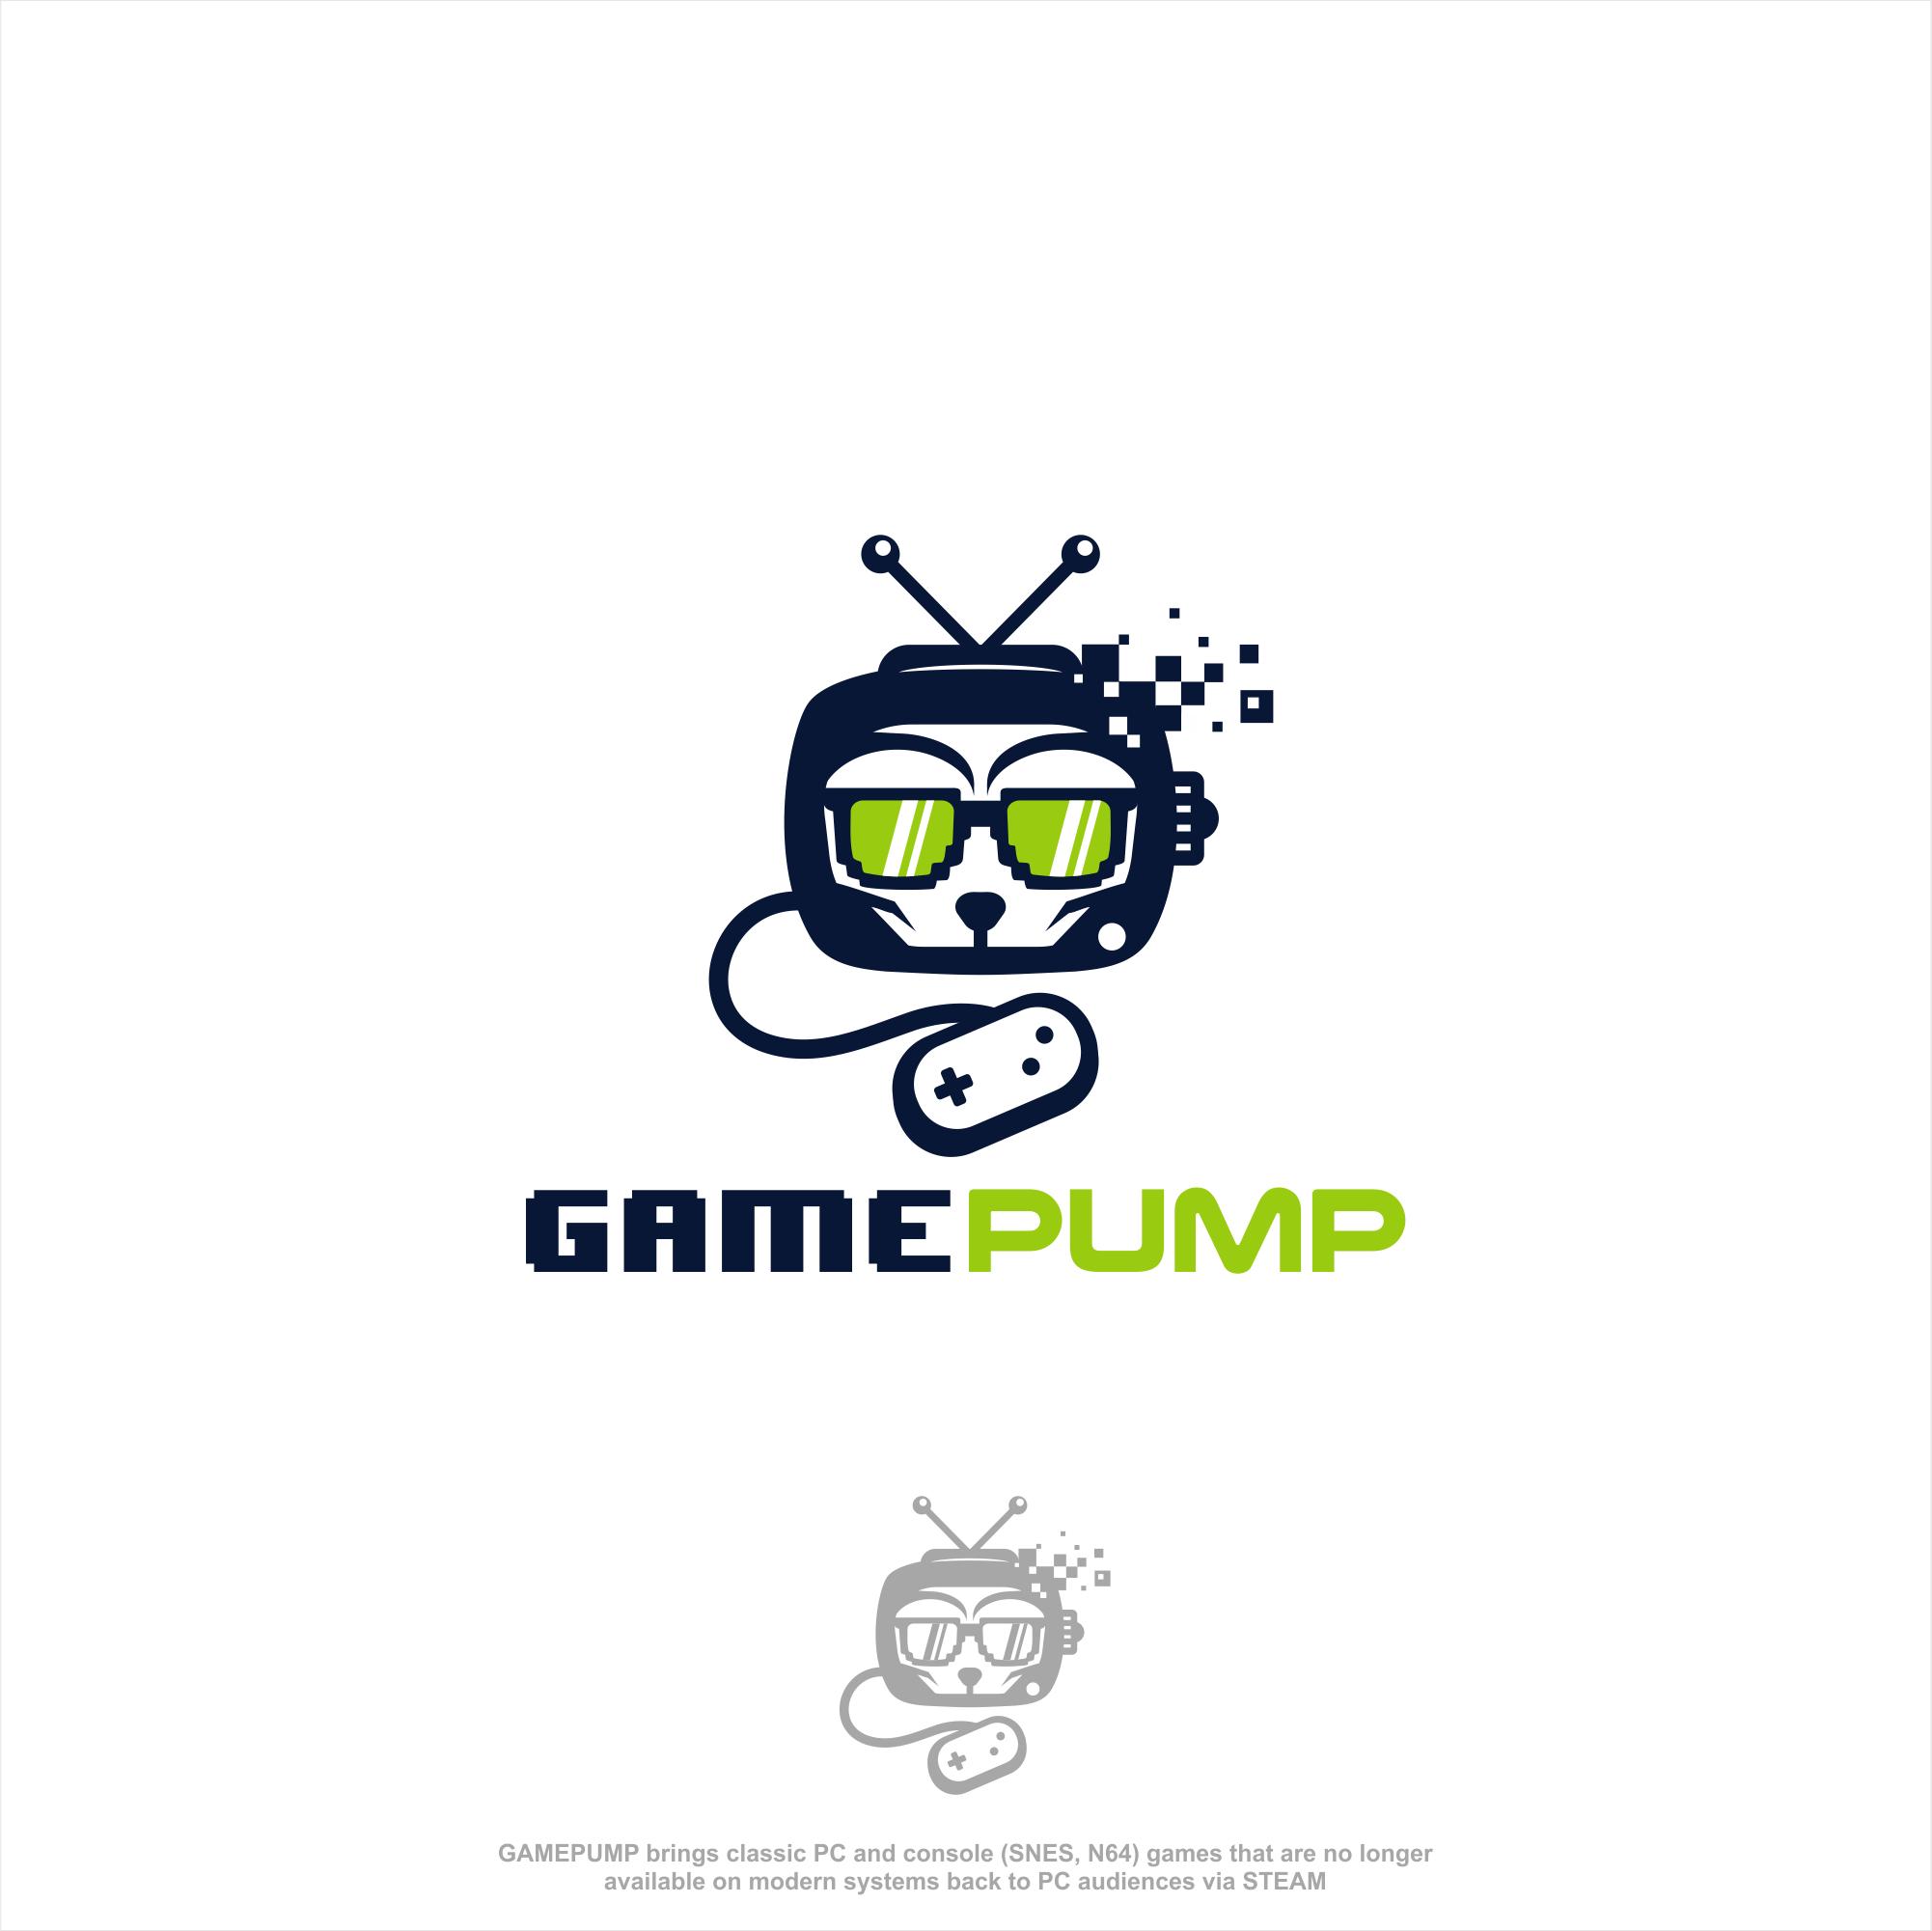 Design 85 By Deer 203a Create A Playful Logo For A Retro Classic Game Logo Design Logo Design Contest Game Logo